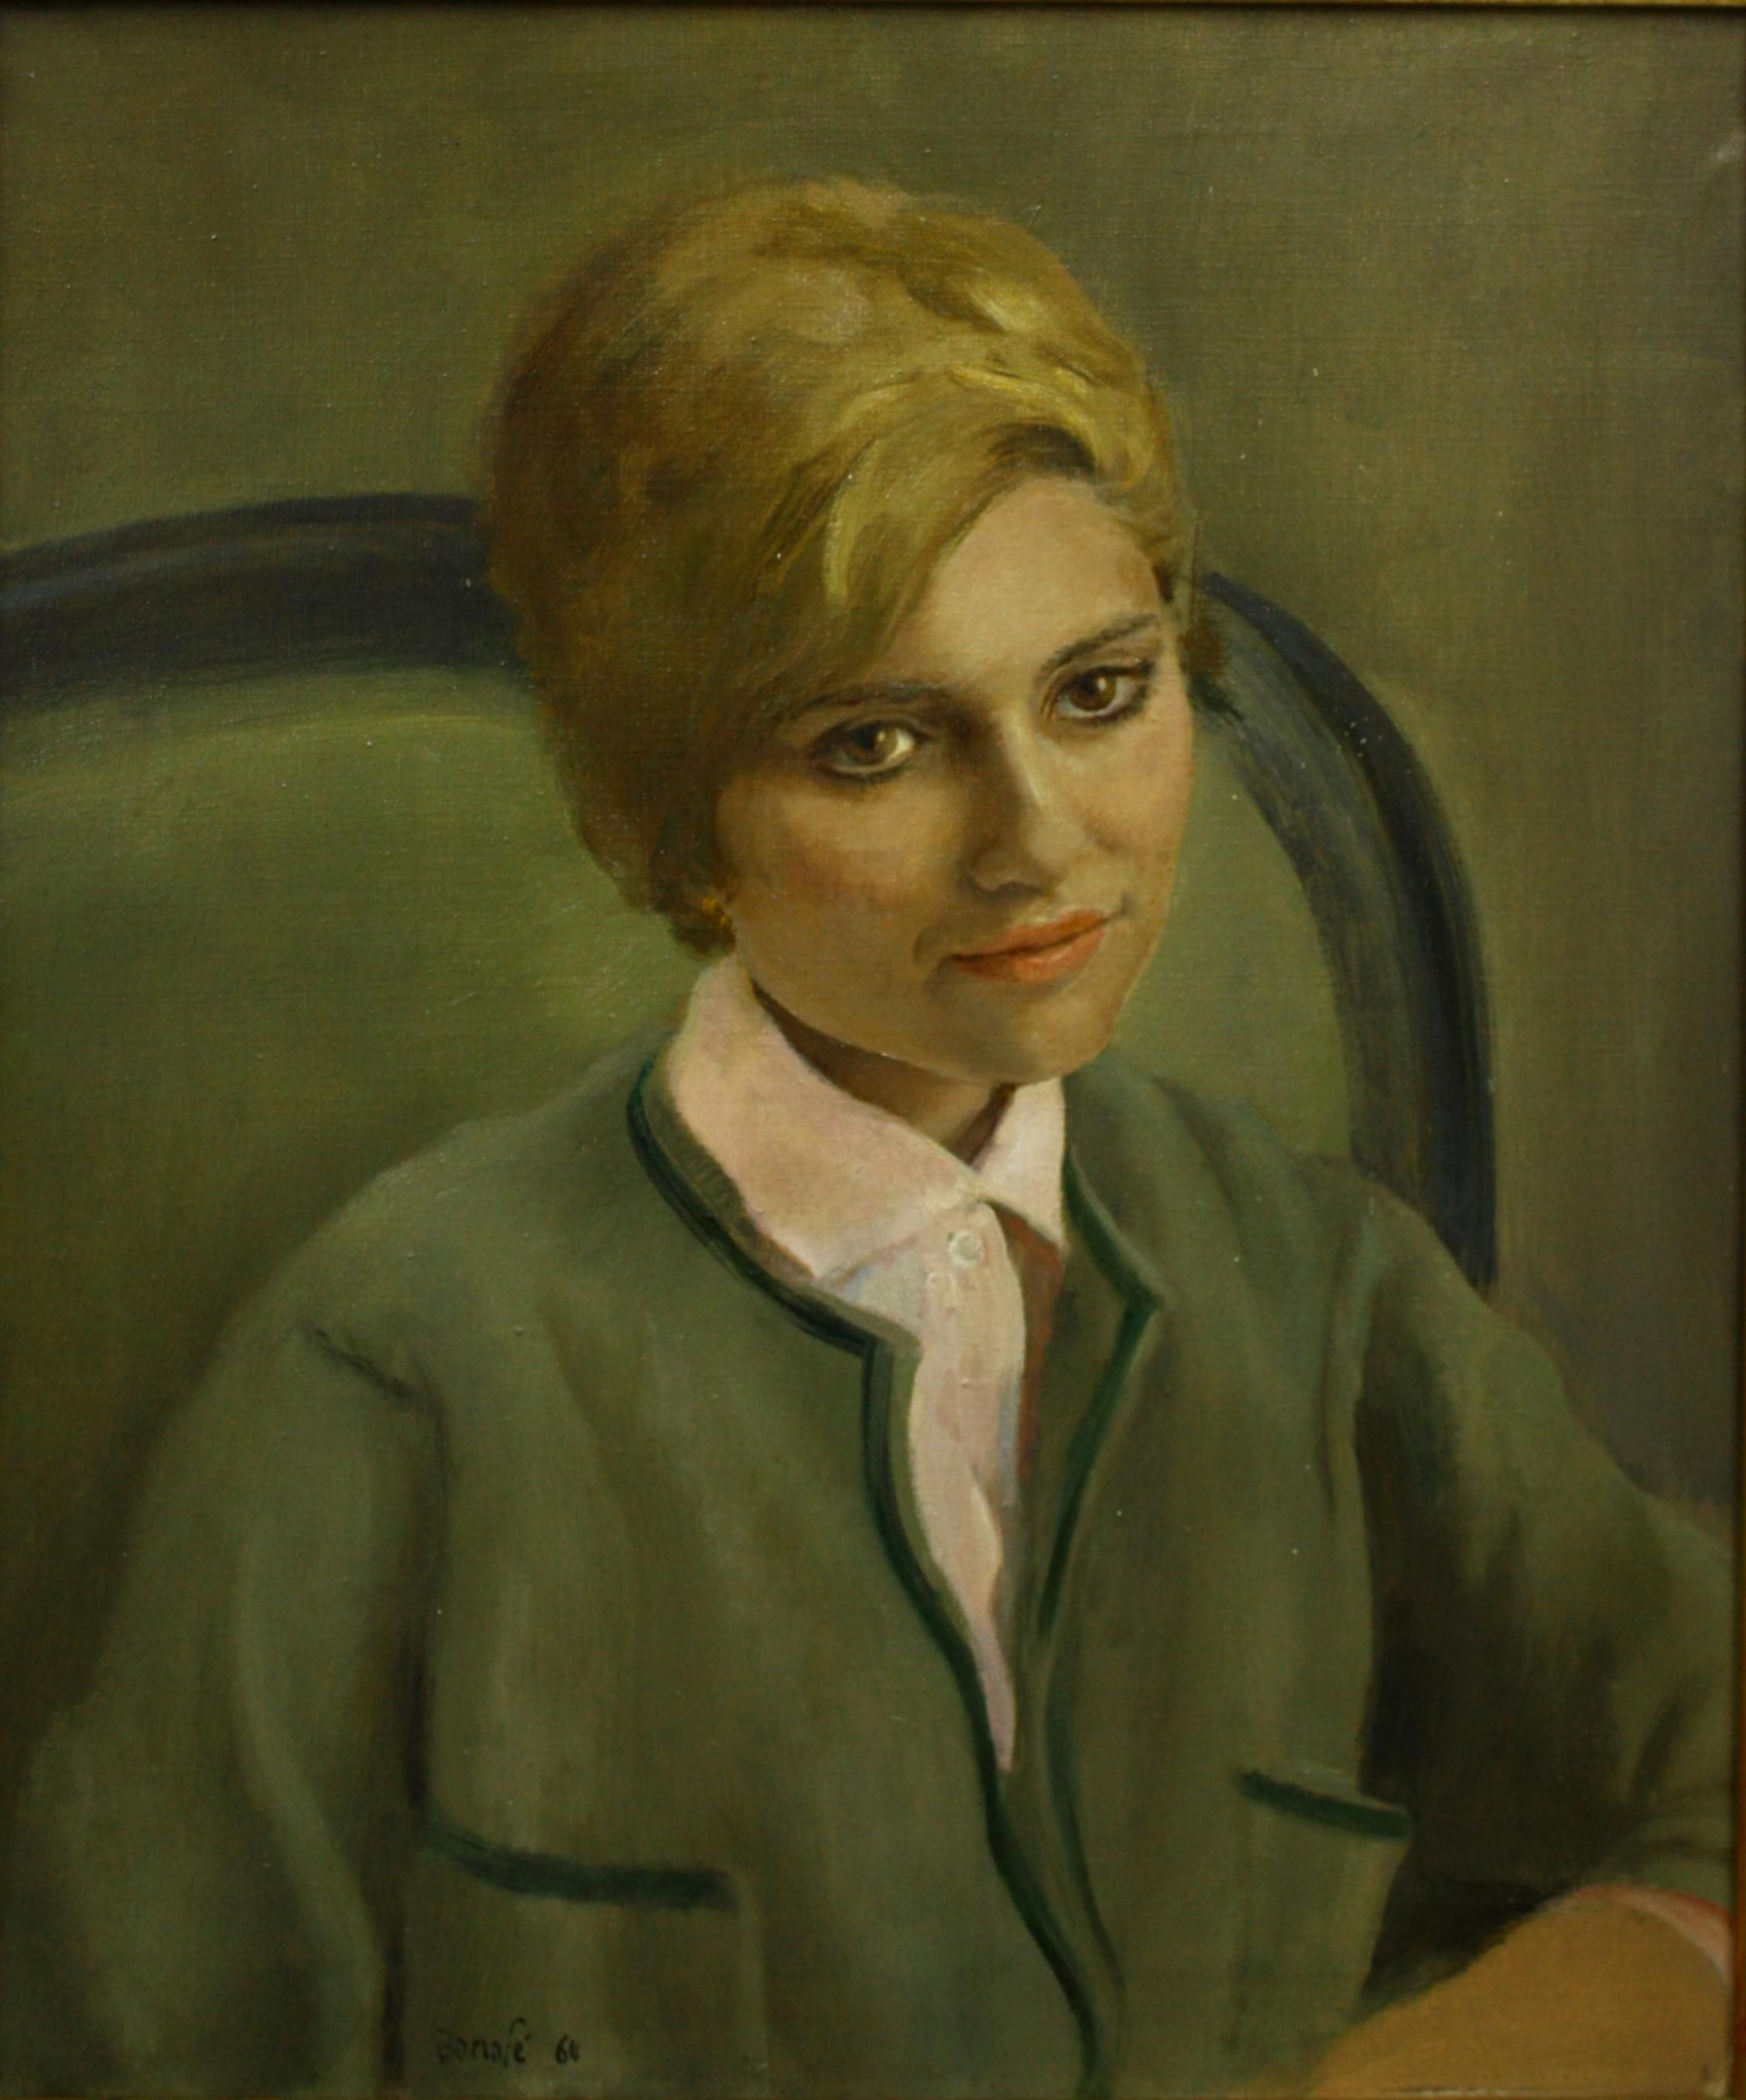 Juan Bonafe. Lima 1901- Gran Canaria 1969. Retrato. Oleo sobre lienzo. 55 x 45